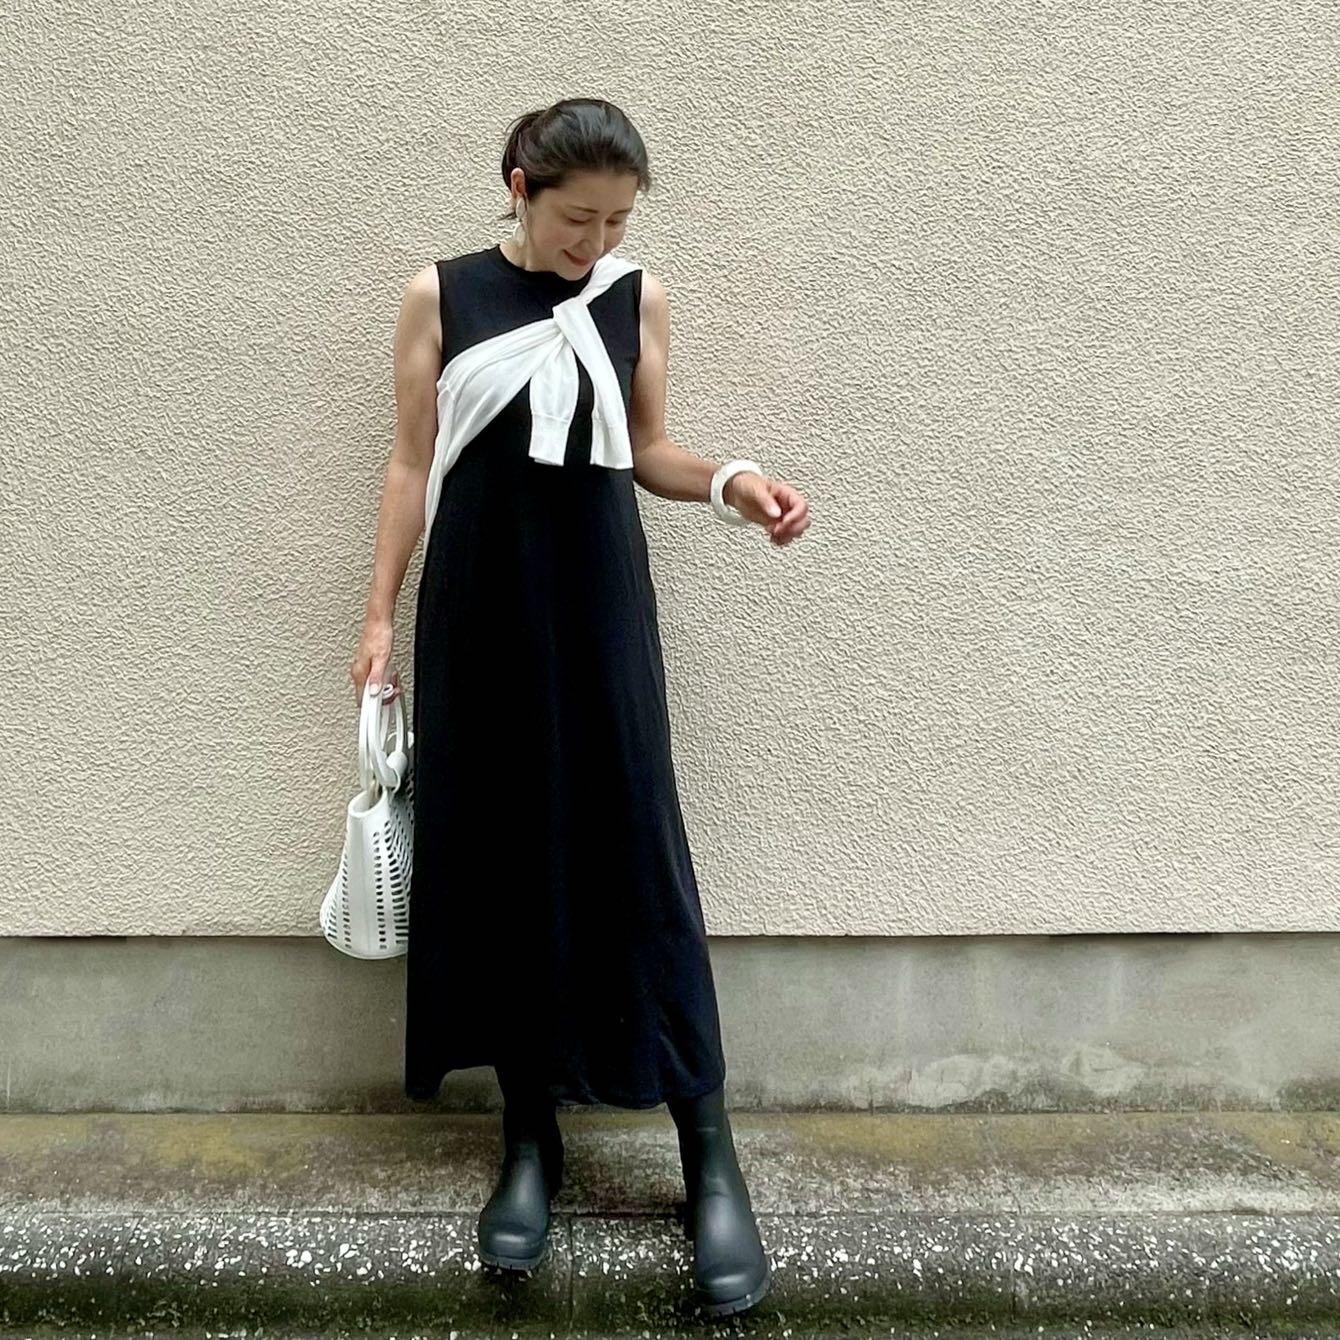 黒のロングワンピース、白のカーディガン、白のバッグ、白のバングル、白のイヤリング、黒のレインブーツ